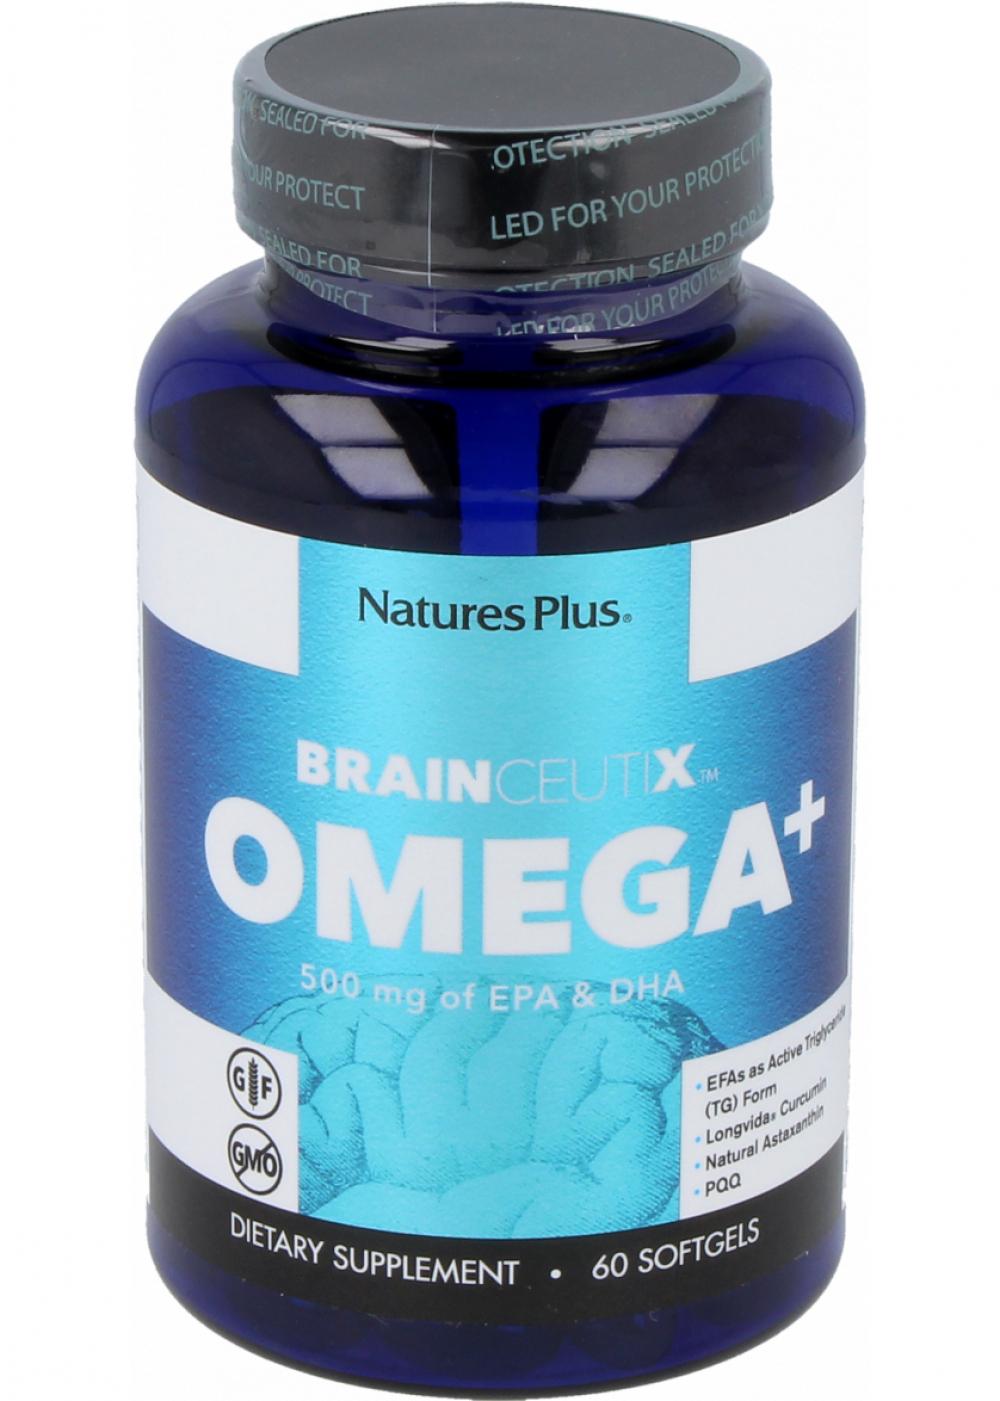 Natures Plus Brainceutix Omega+ (mit PQQ) 60 Softgels